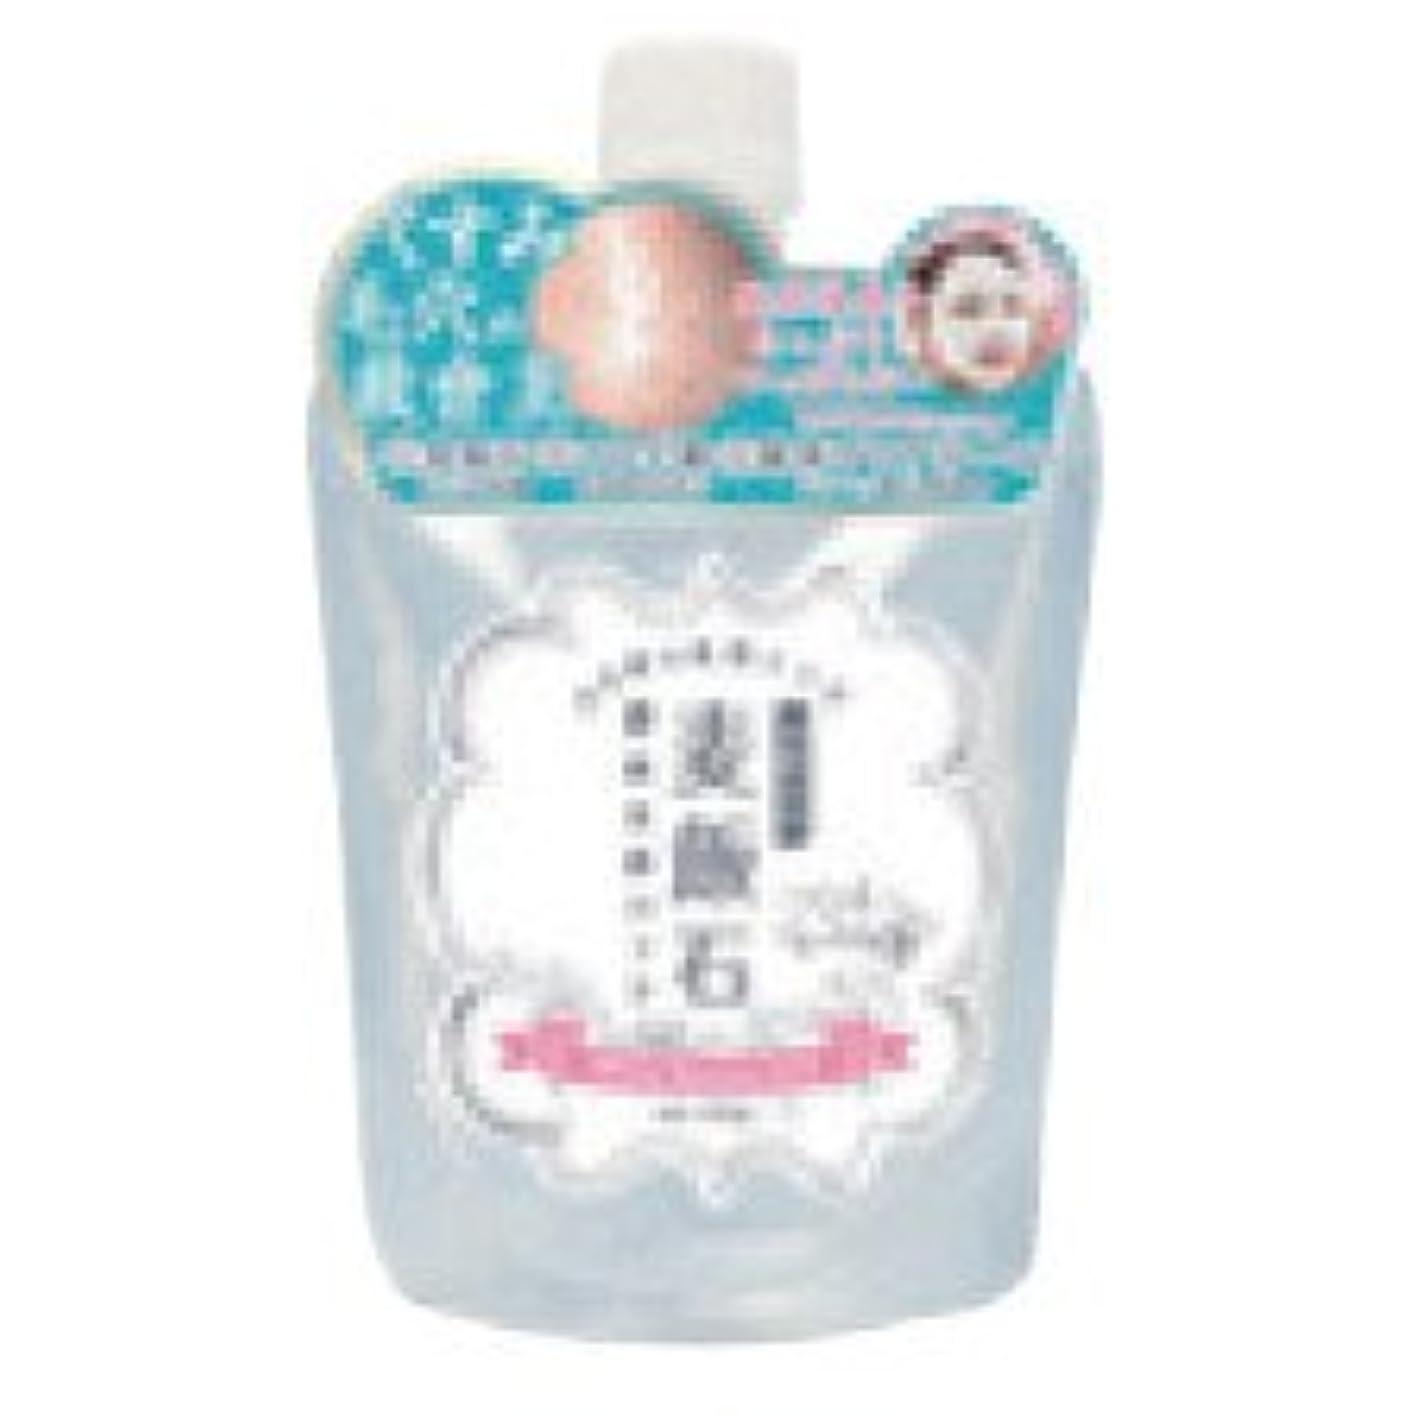 累計克服する憲法ホワイトムースパック 美濃白川麦飯石酵素洗顔パック 100g 2個セット